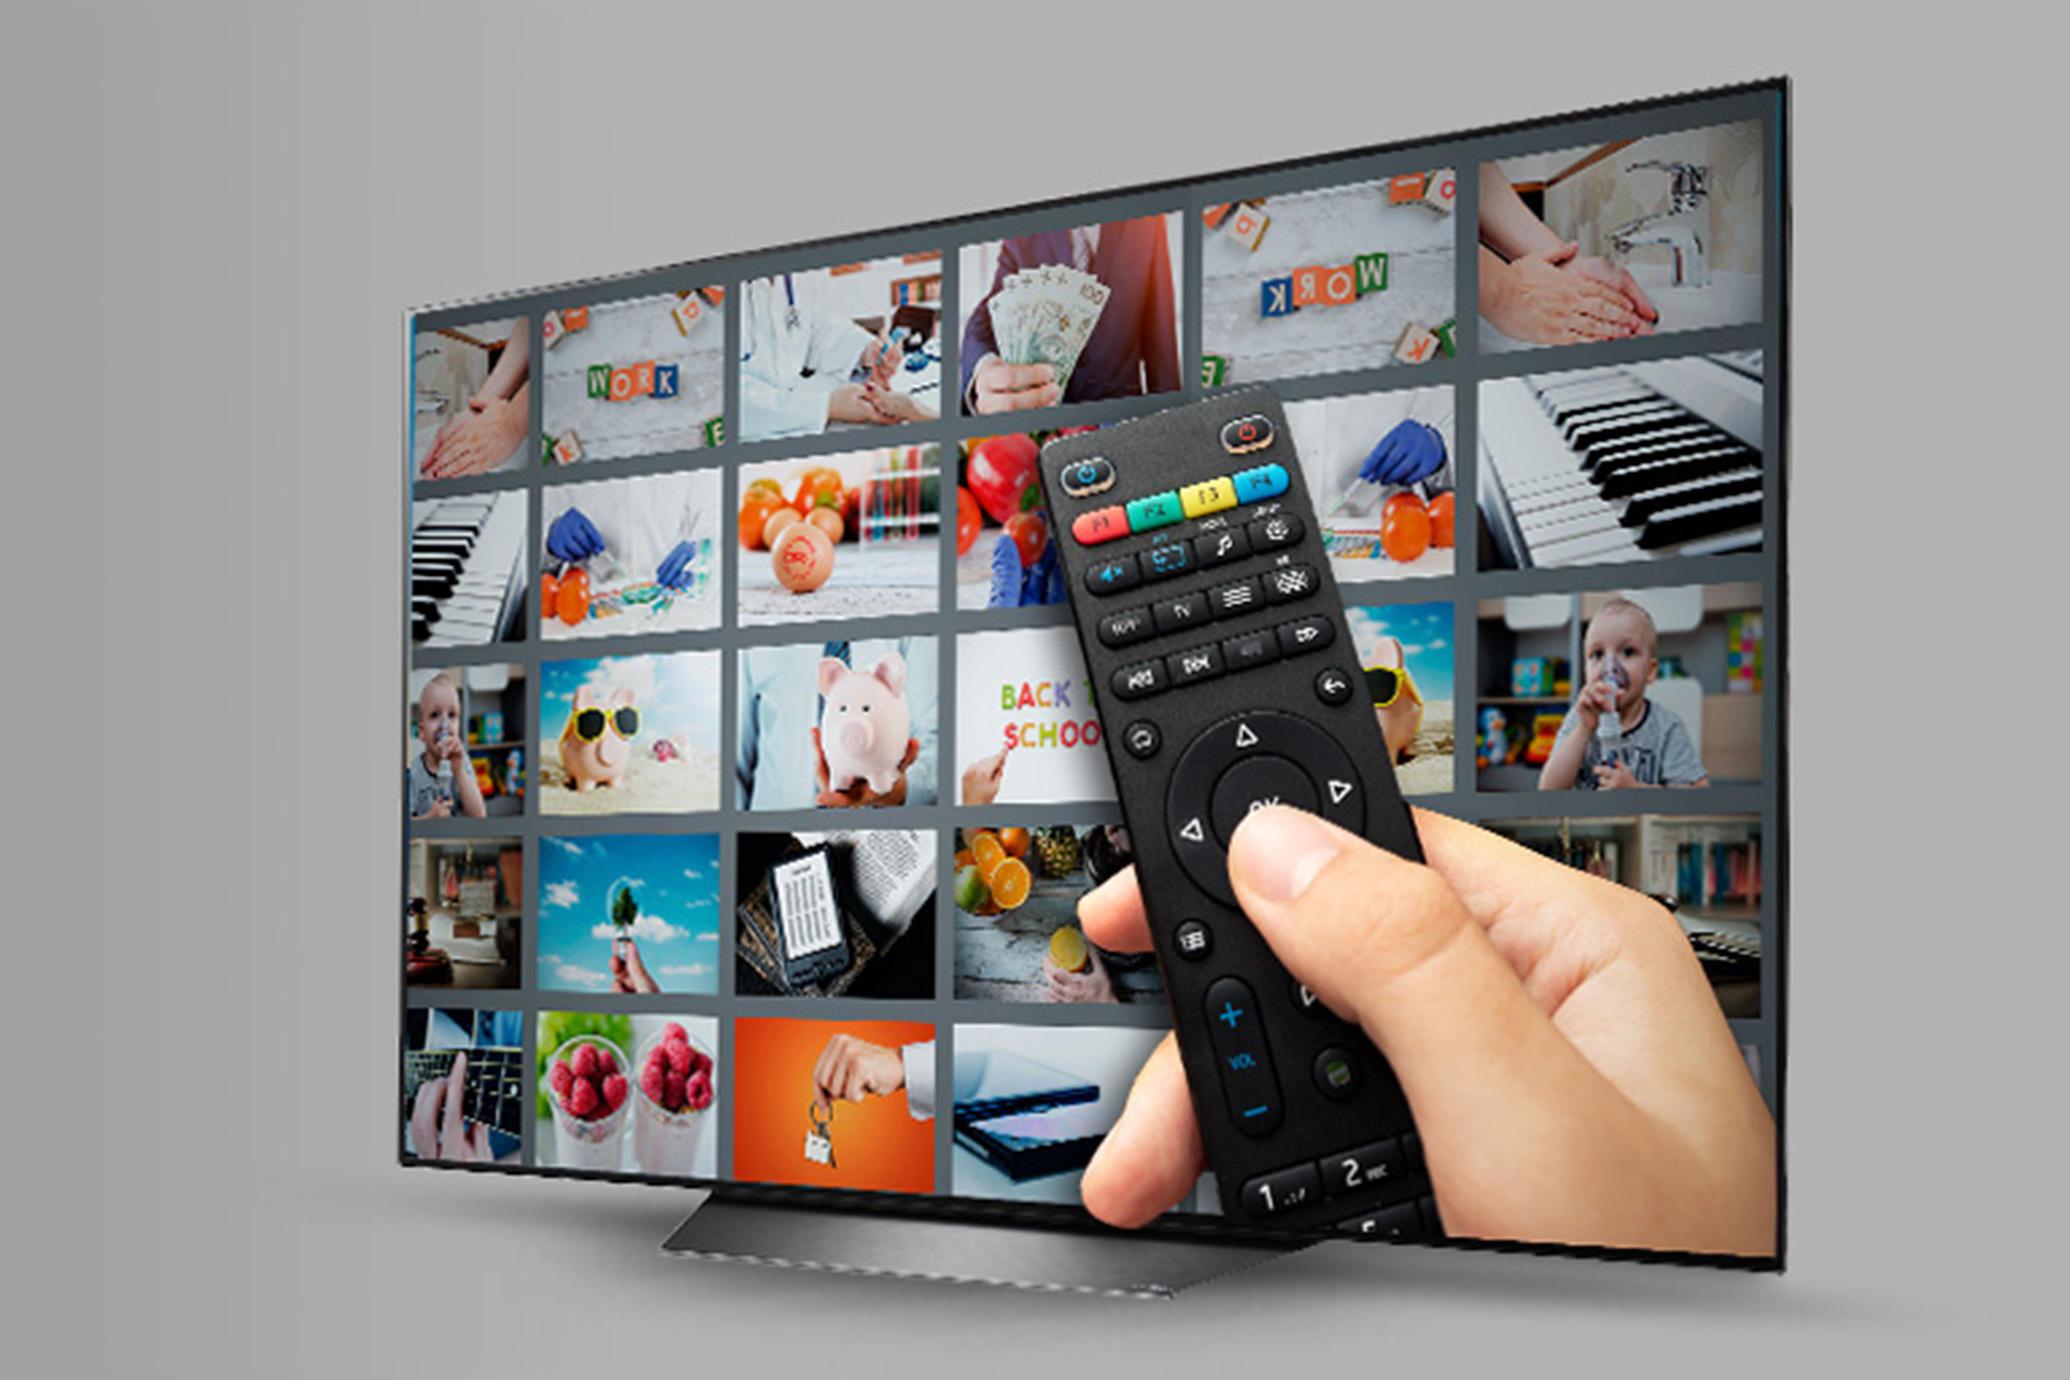 Merck ve Universal Display Corporation, İleri Düzeydeki OLED Teknolojisi İçin İşbirliği Yapacaklarını Açıkladı